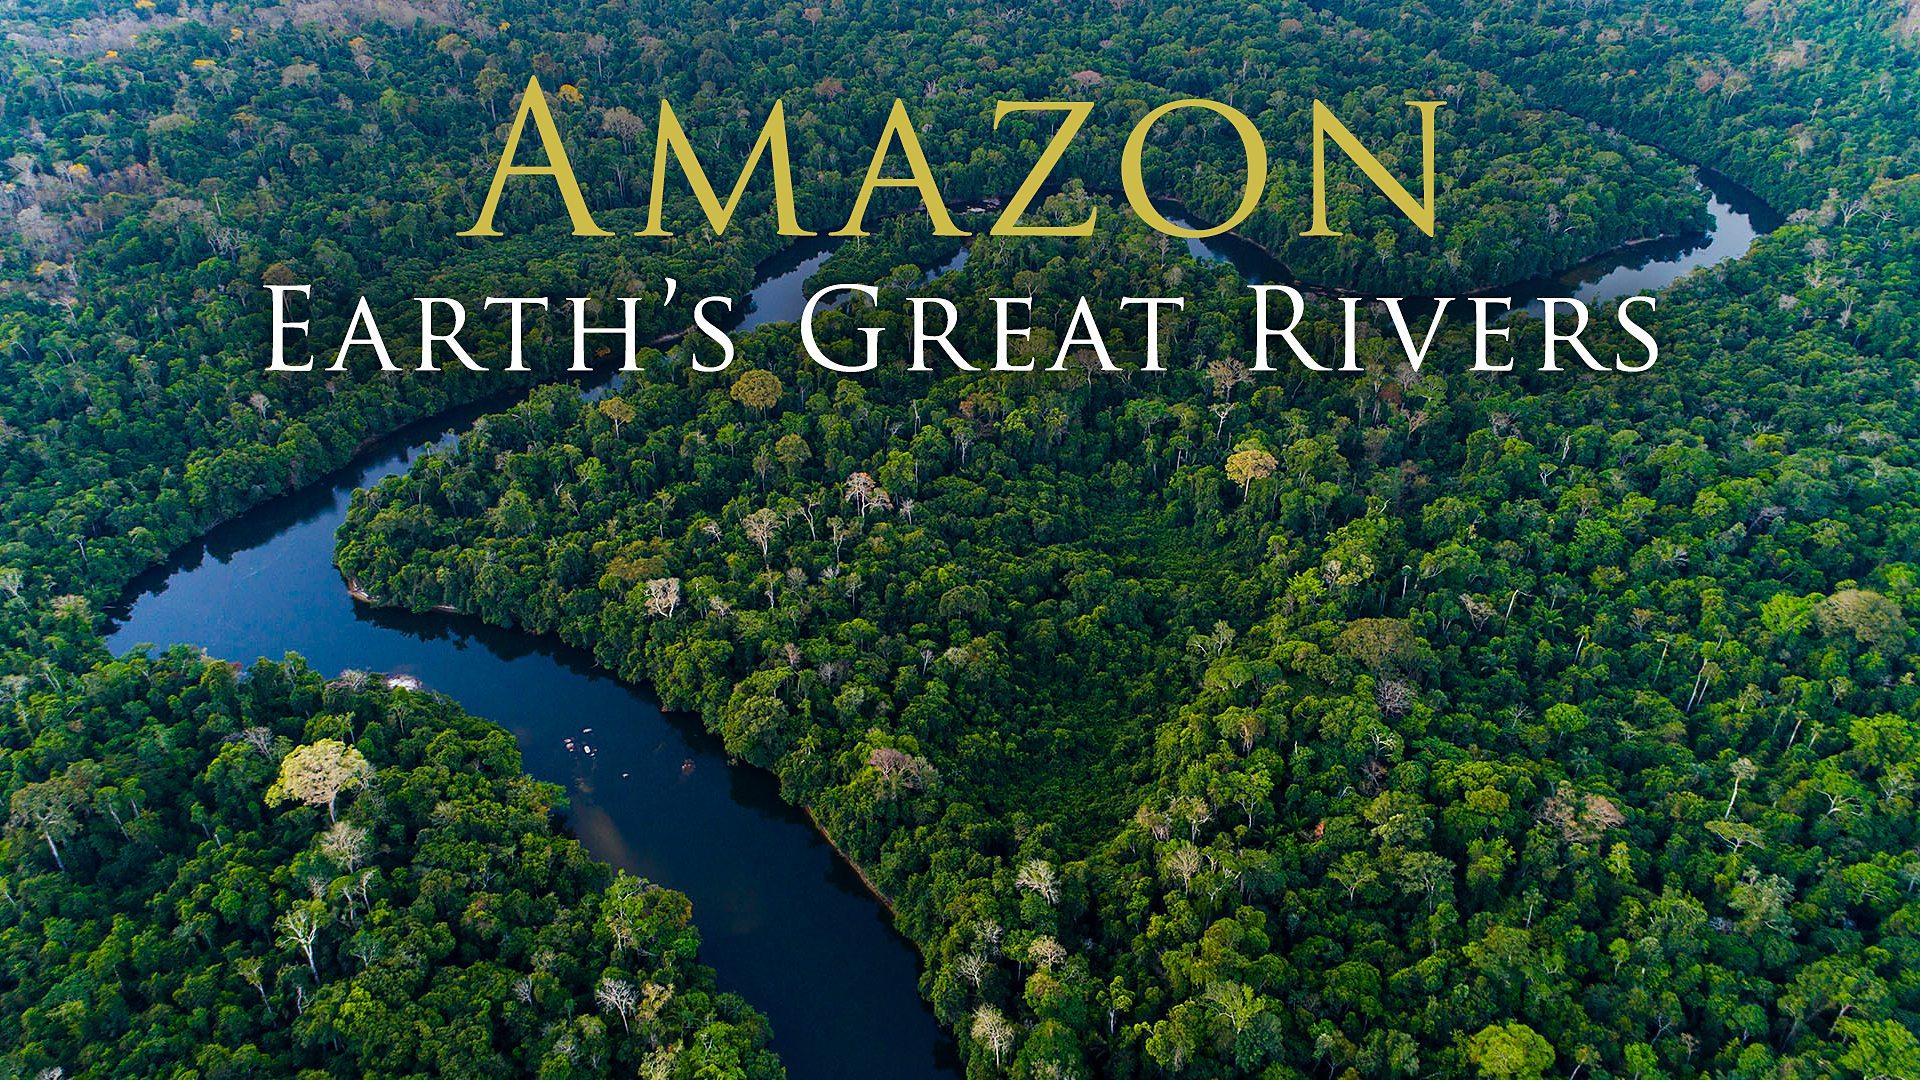 纪录片.BBC.地球伟大河流.S01E01.亚马逊河.2019[高清][英字]